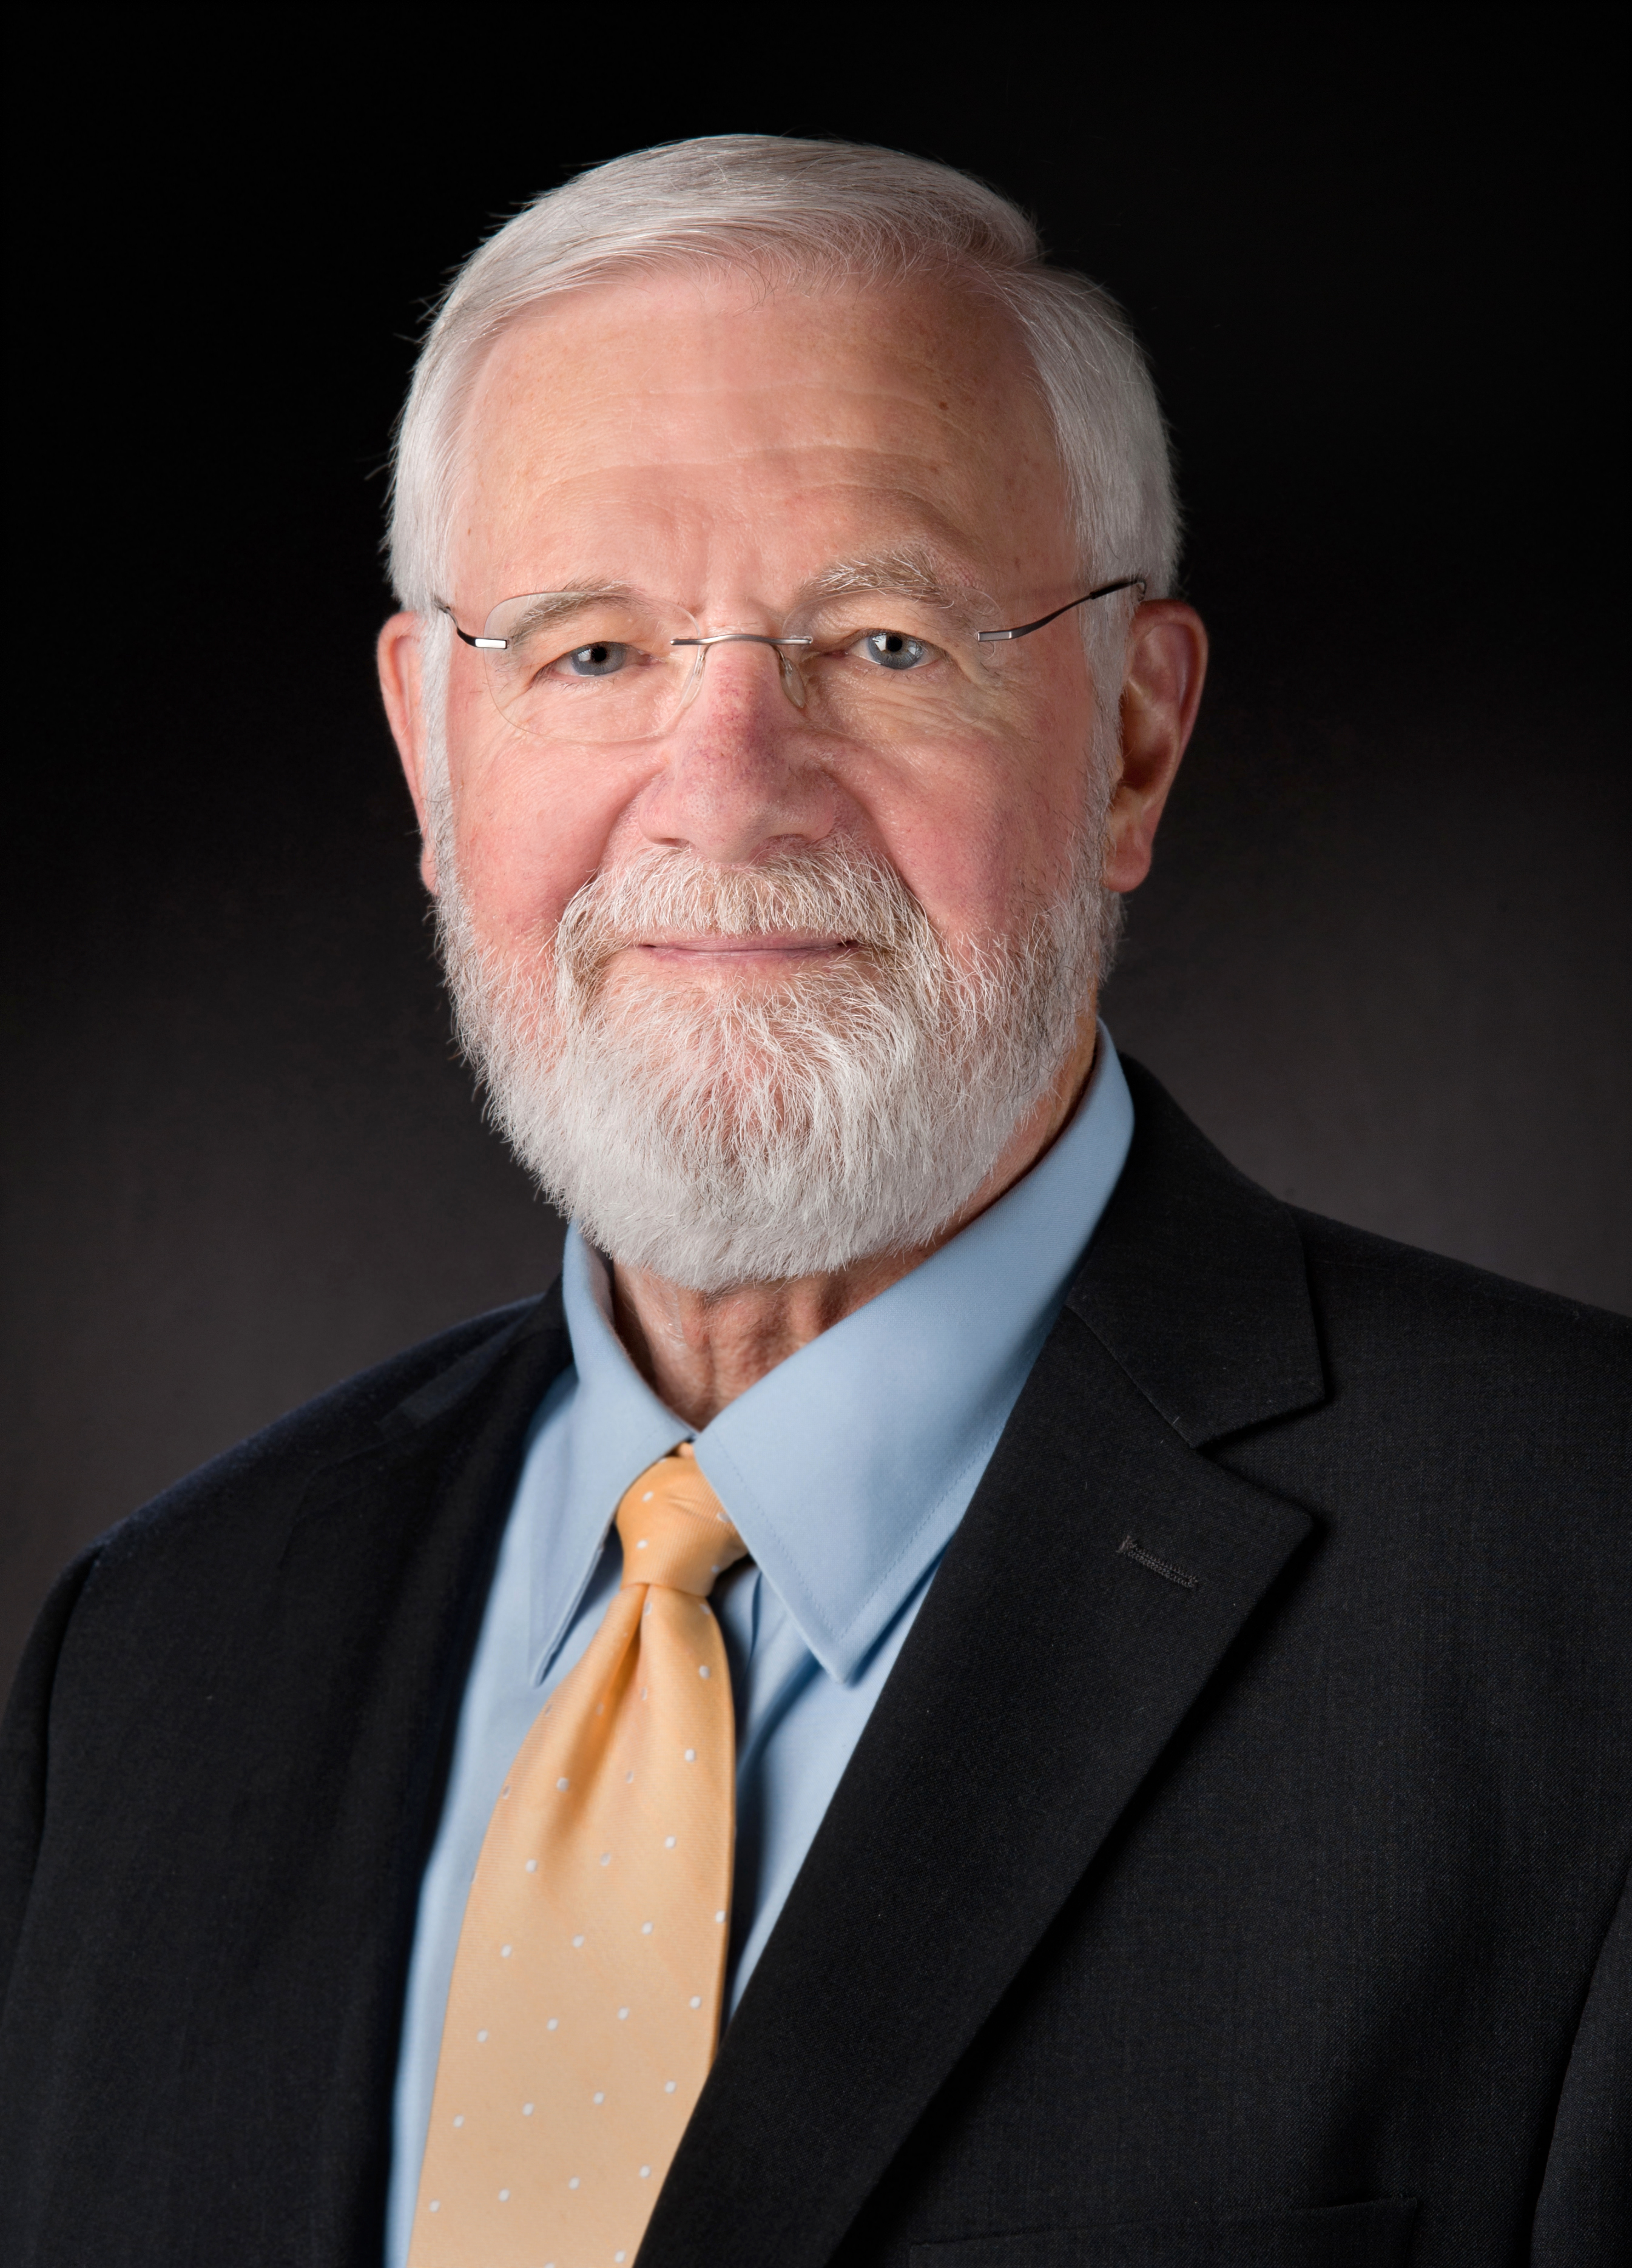 Dr. Bill Foege